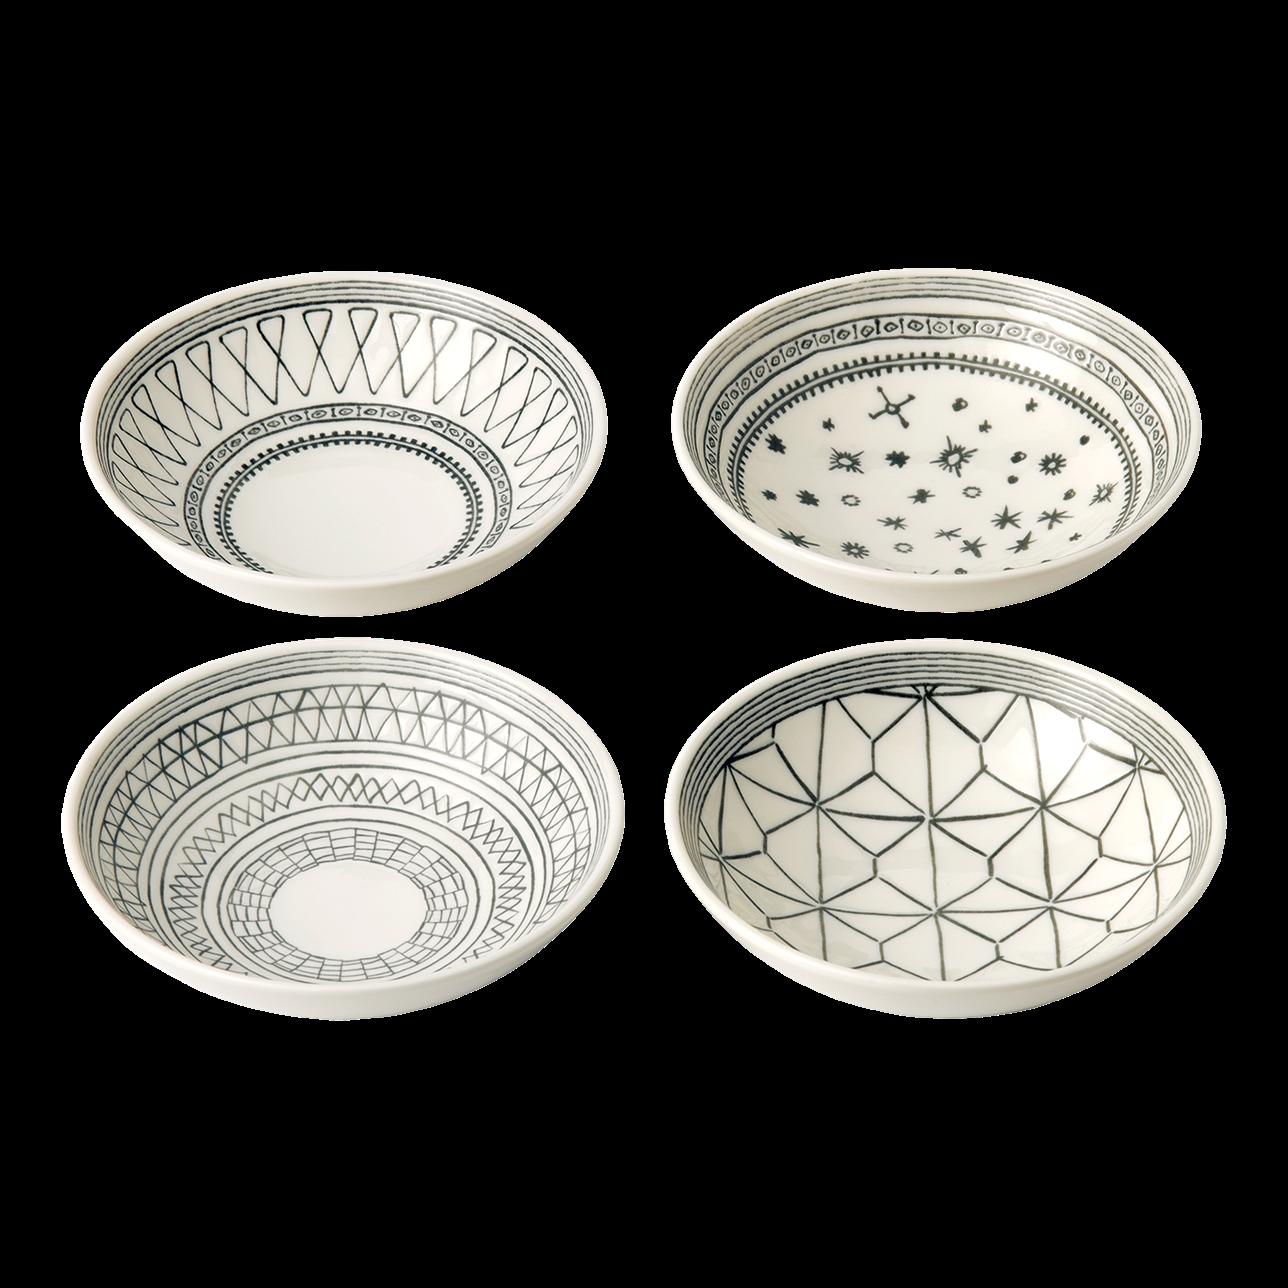 ED Charcoal Grey Small Bowls (Set of 4)